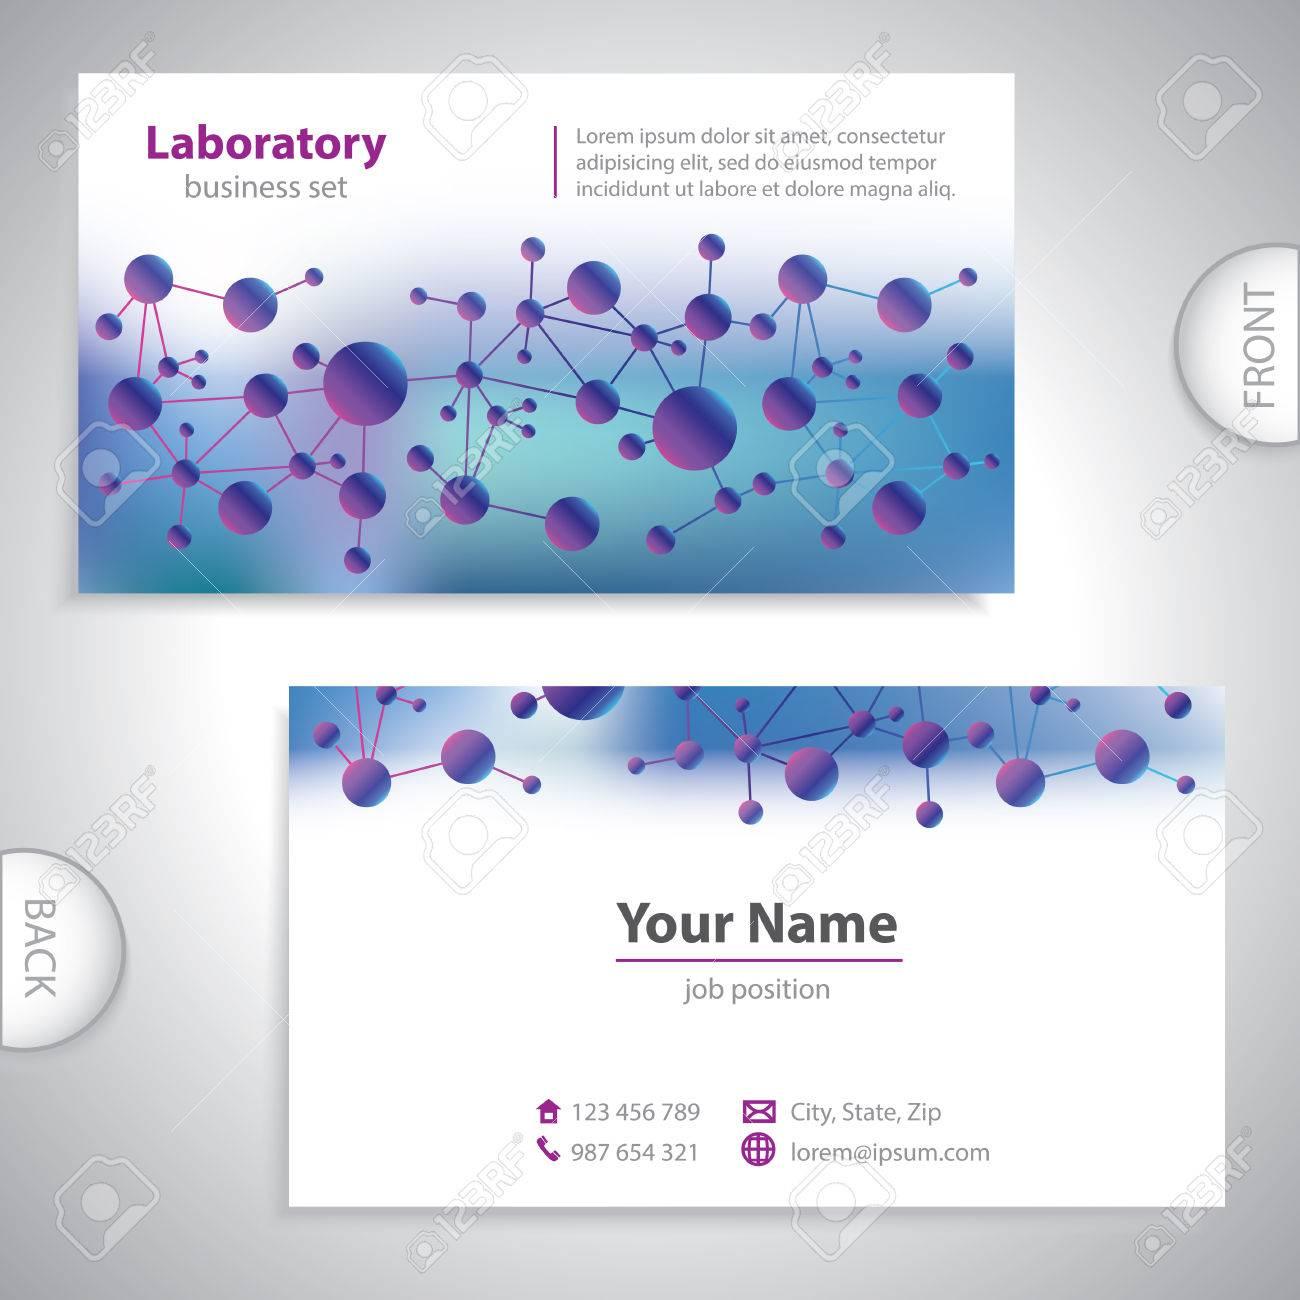 Universal Medicale Carte De Visite Laboratoire Bleu Violet Clip